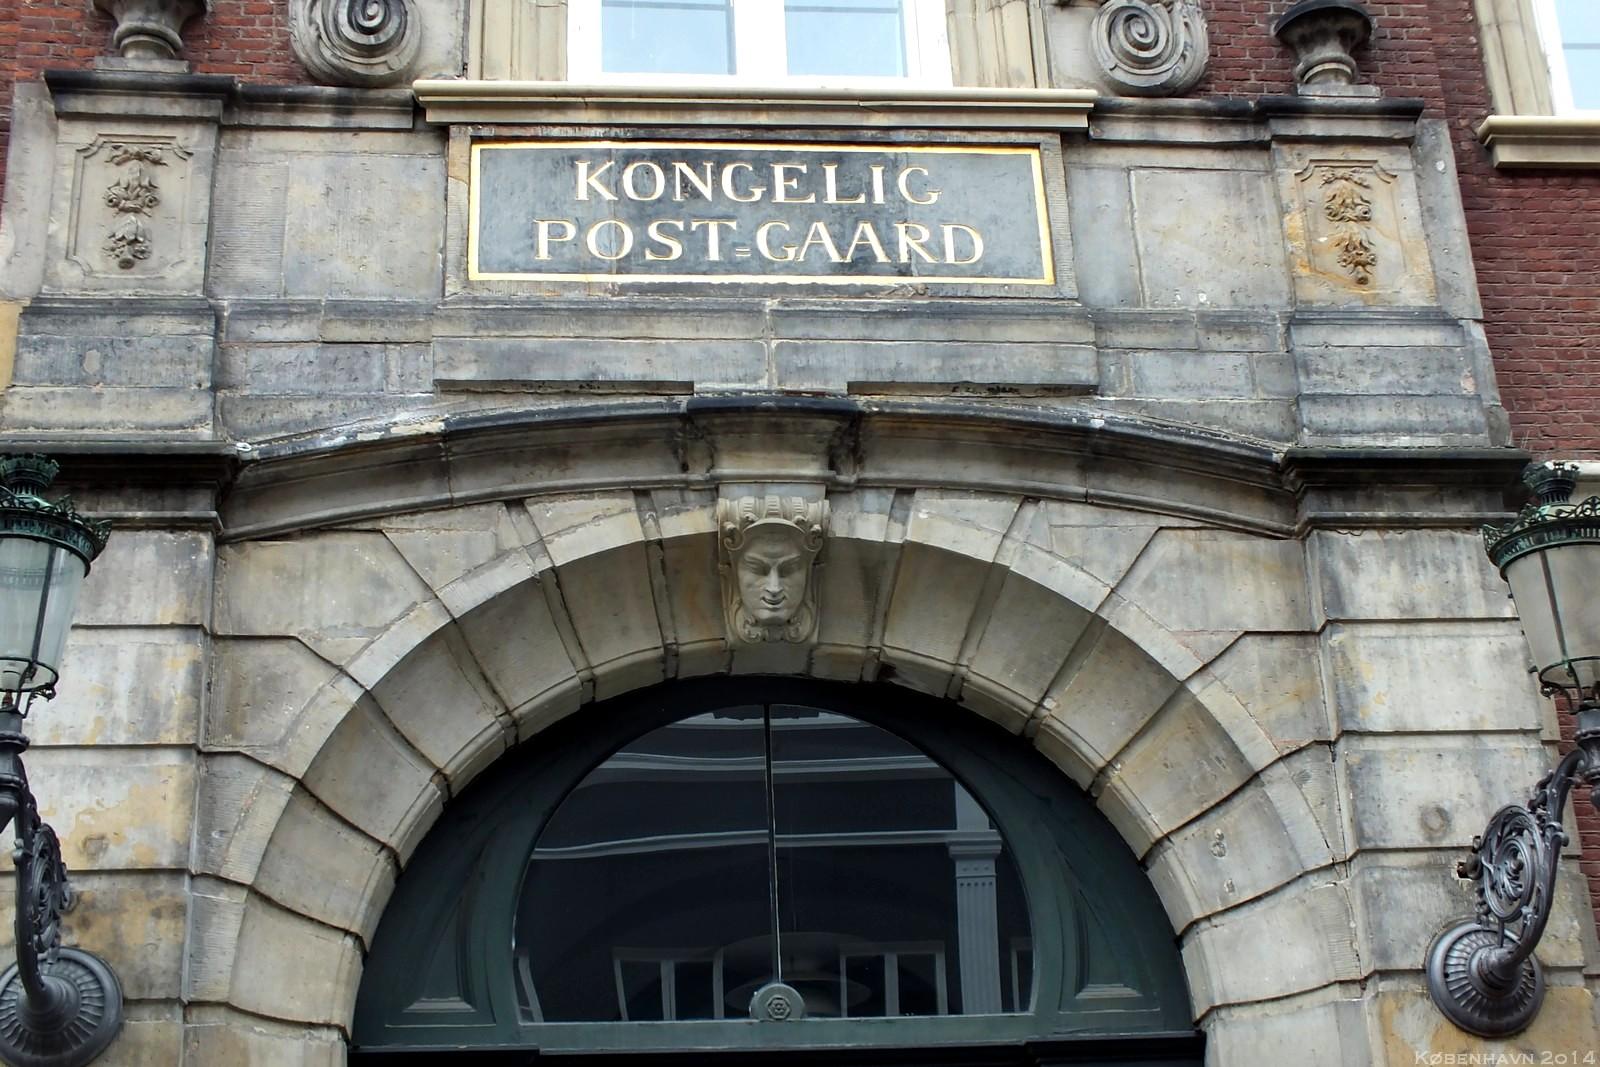 kongelig postgaard, Købmagergade, København, Denmark